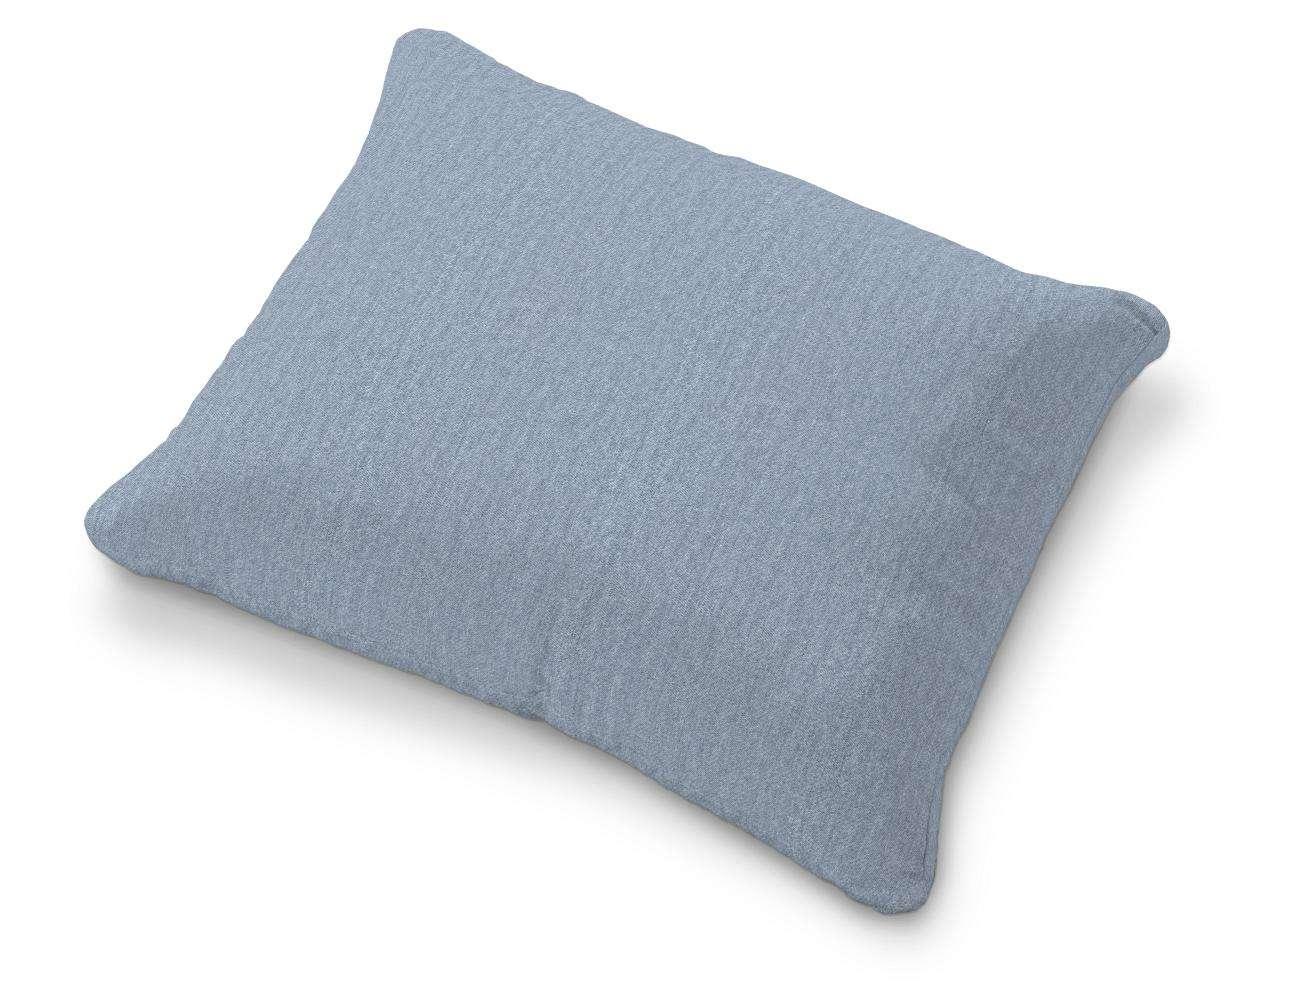 Poszewka na poduszkę Karlstad 58x48cm w kolekcji Chenille, tkanina: 702-13